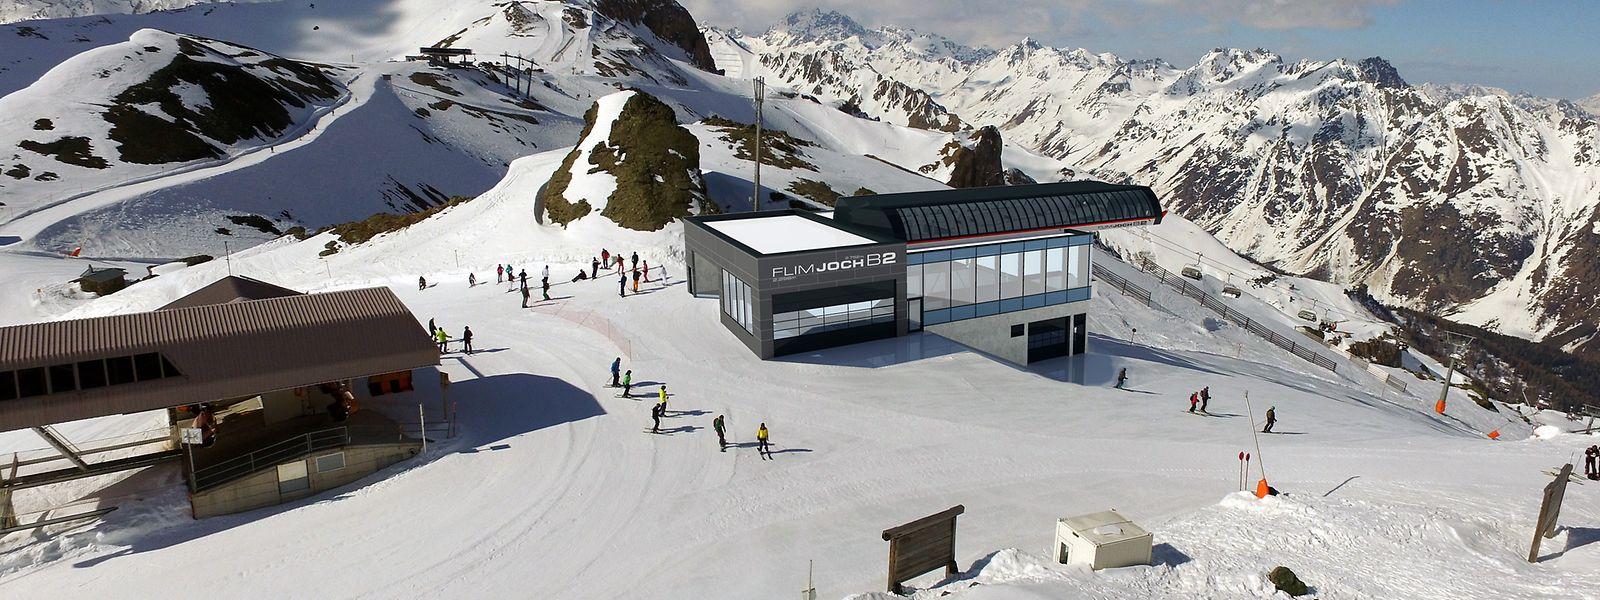 Der bekannte Wintersportort Ischgl steht im Fokus einer Affäre, die ein juristisches Nachspiel haben wird.